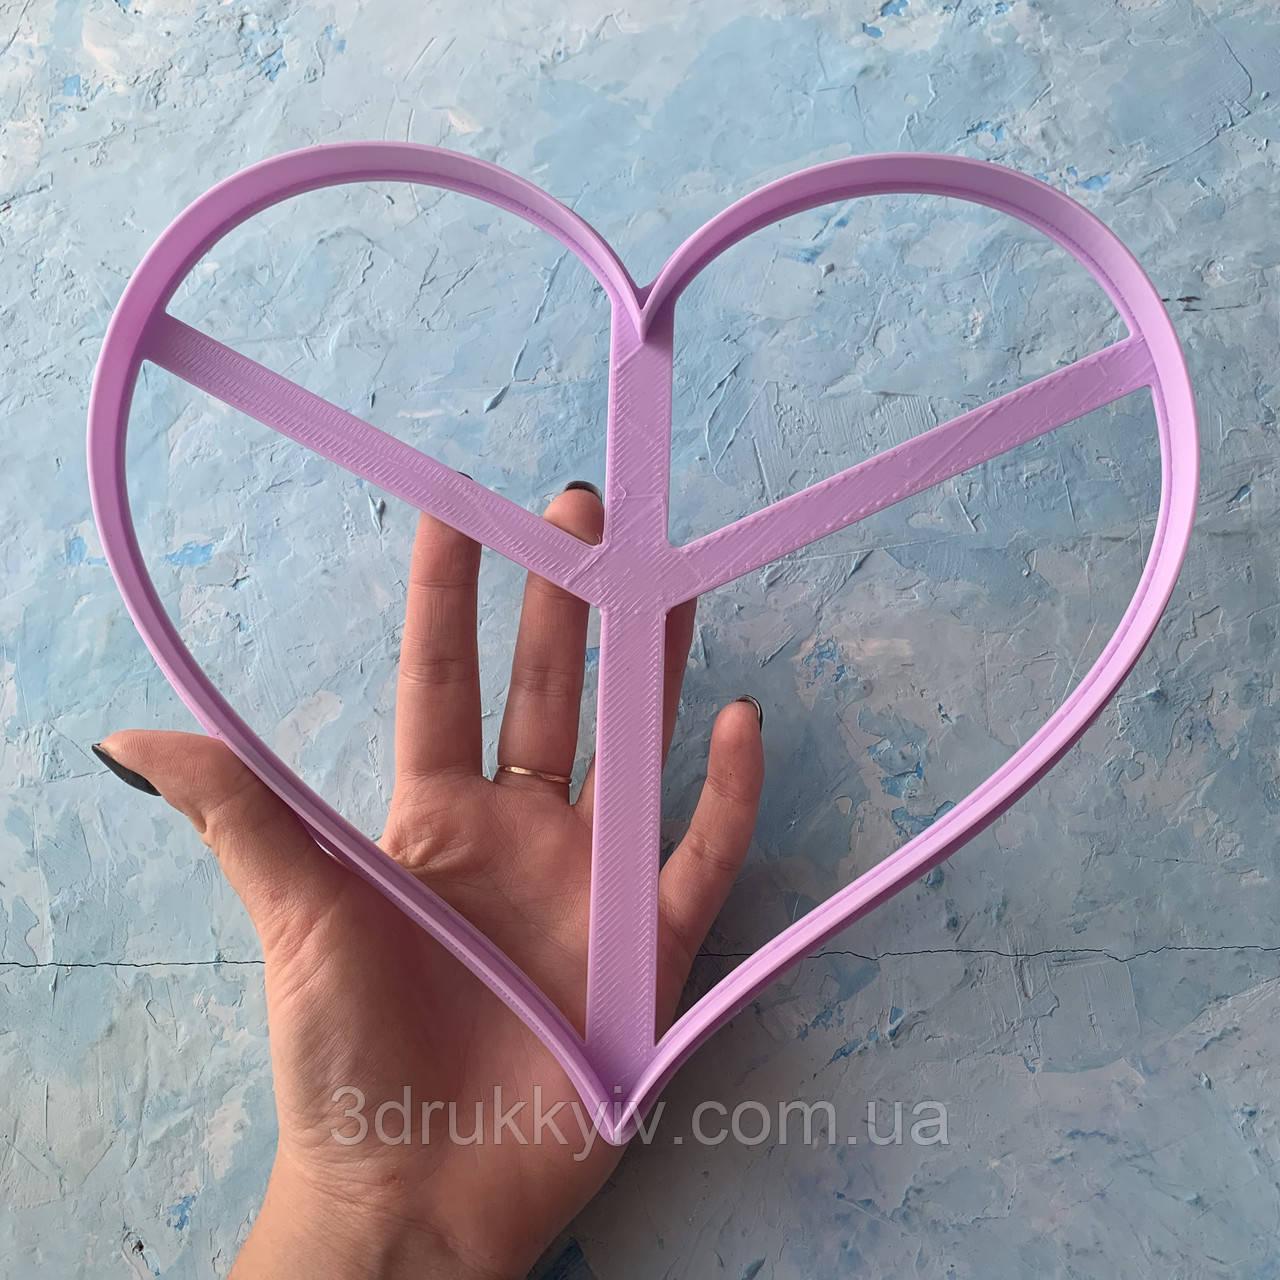 Вирубка ТОРТ - СЕРЦЕ #4 24х26.5 см. / Вырубка - формочка для торта - сердца, коржей 24 см. / Торт - сердце